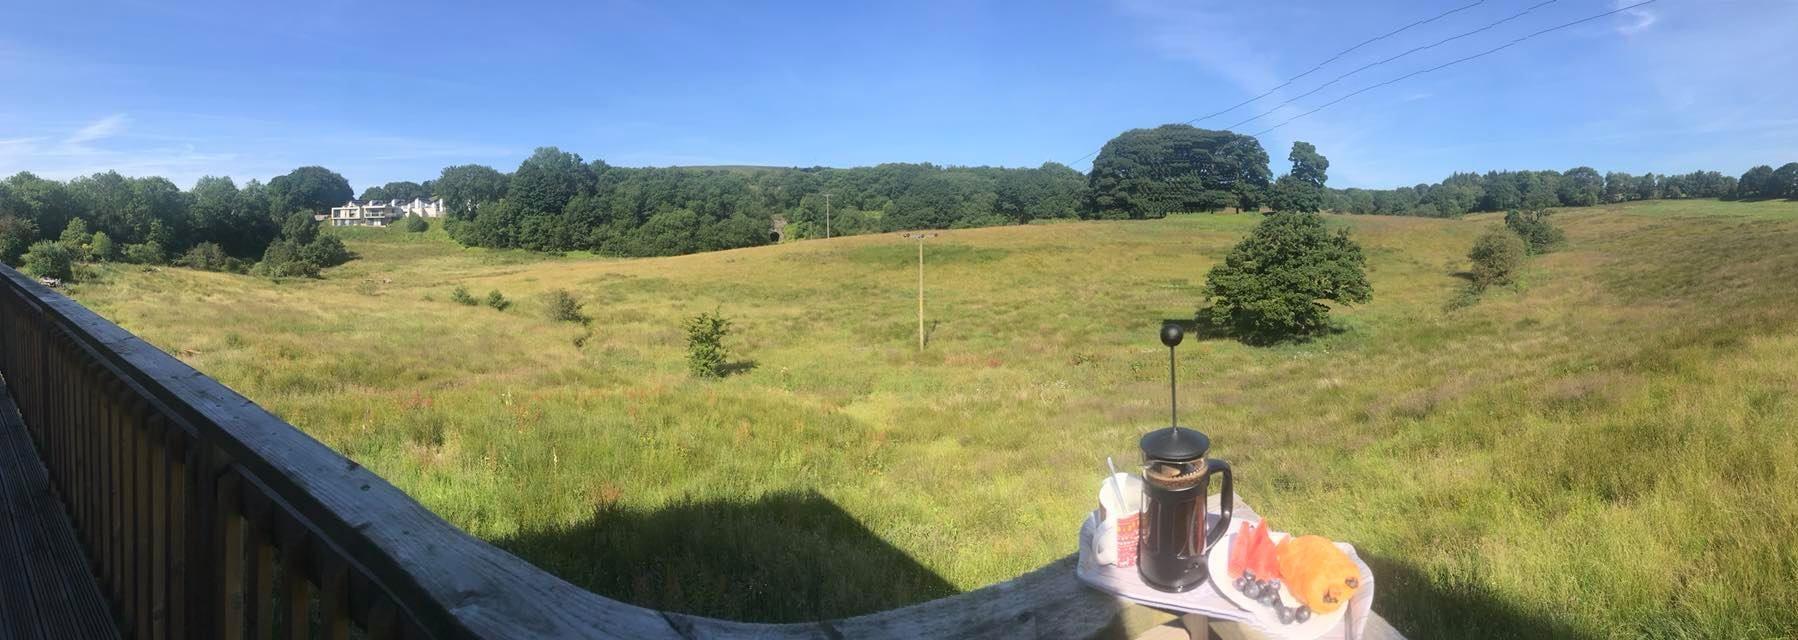 chetham farm retreat